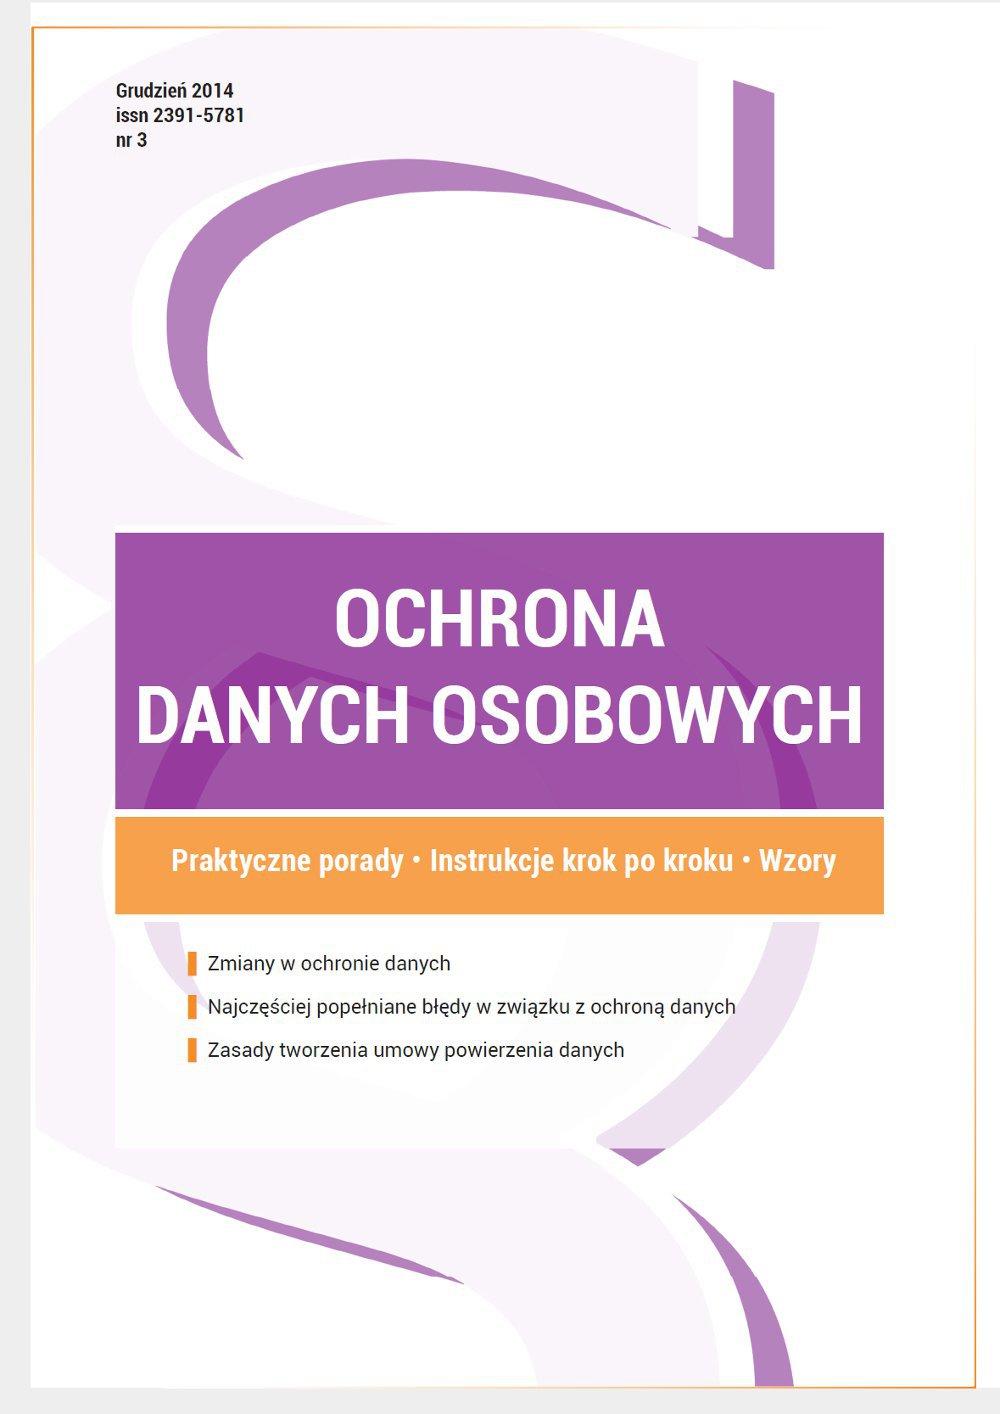 Ochrona danych osobowych - wydanie grudzień 2014 r. - Ebook (Książka EPUB) do pobrania w formacie EPUB